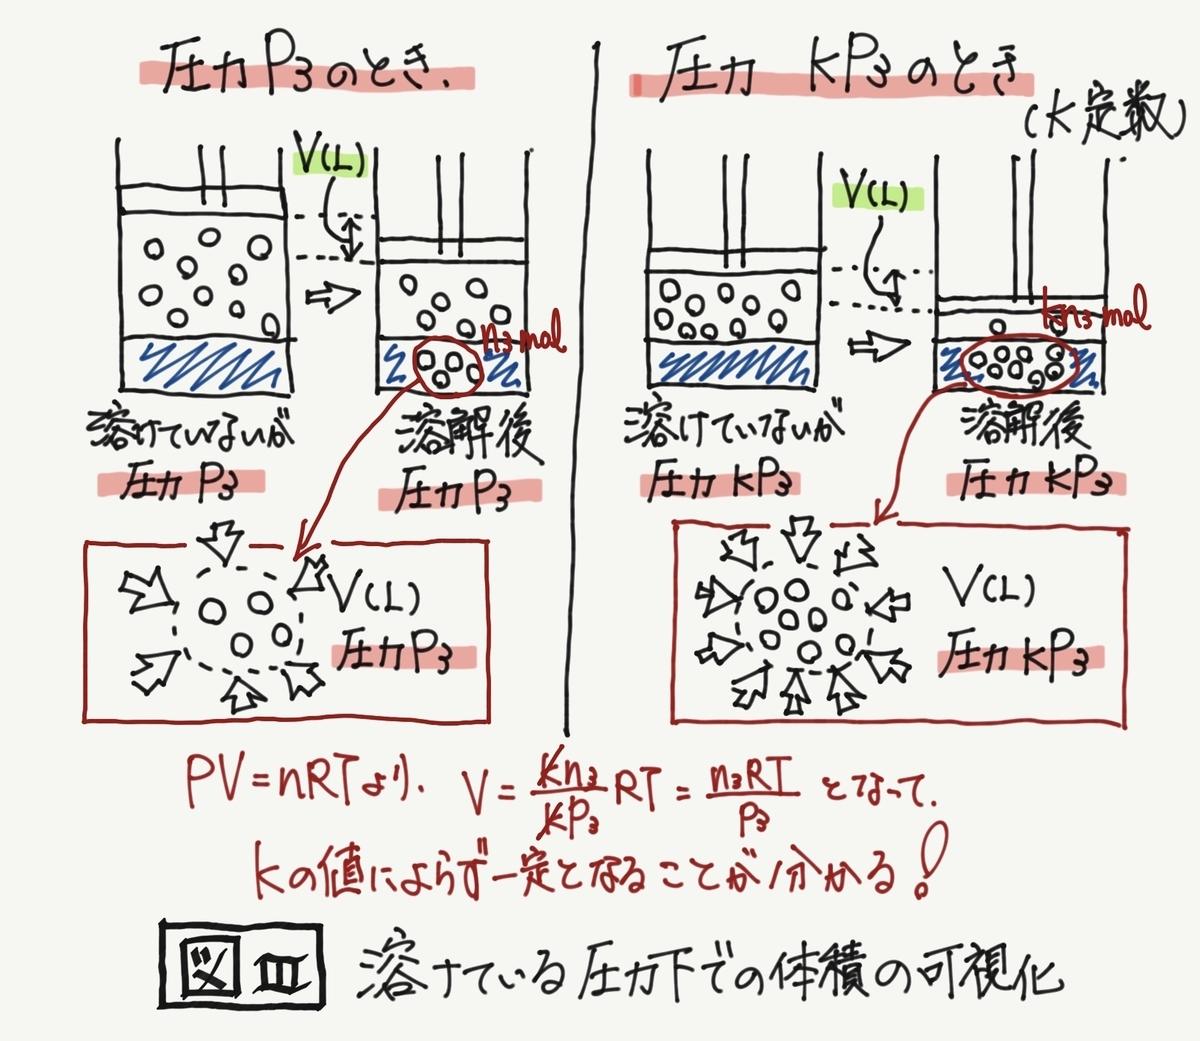 f:id:ryu_uts3:20200622080914j:plain:w400